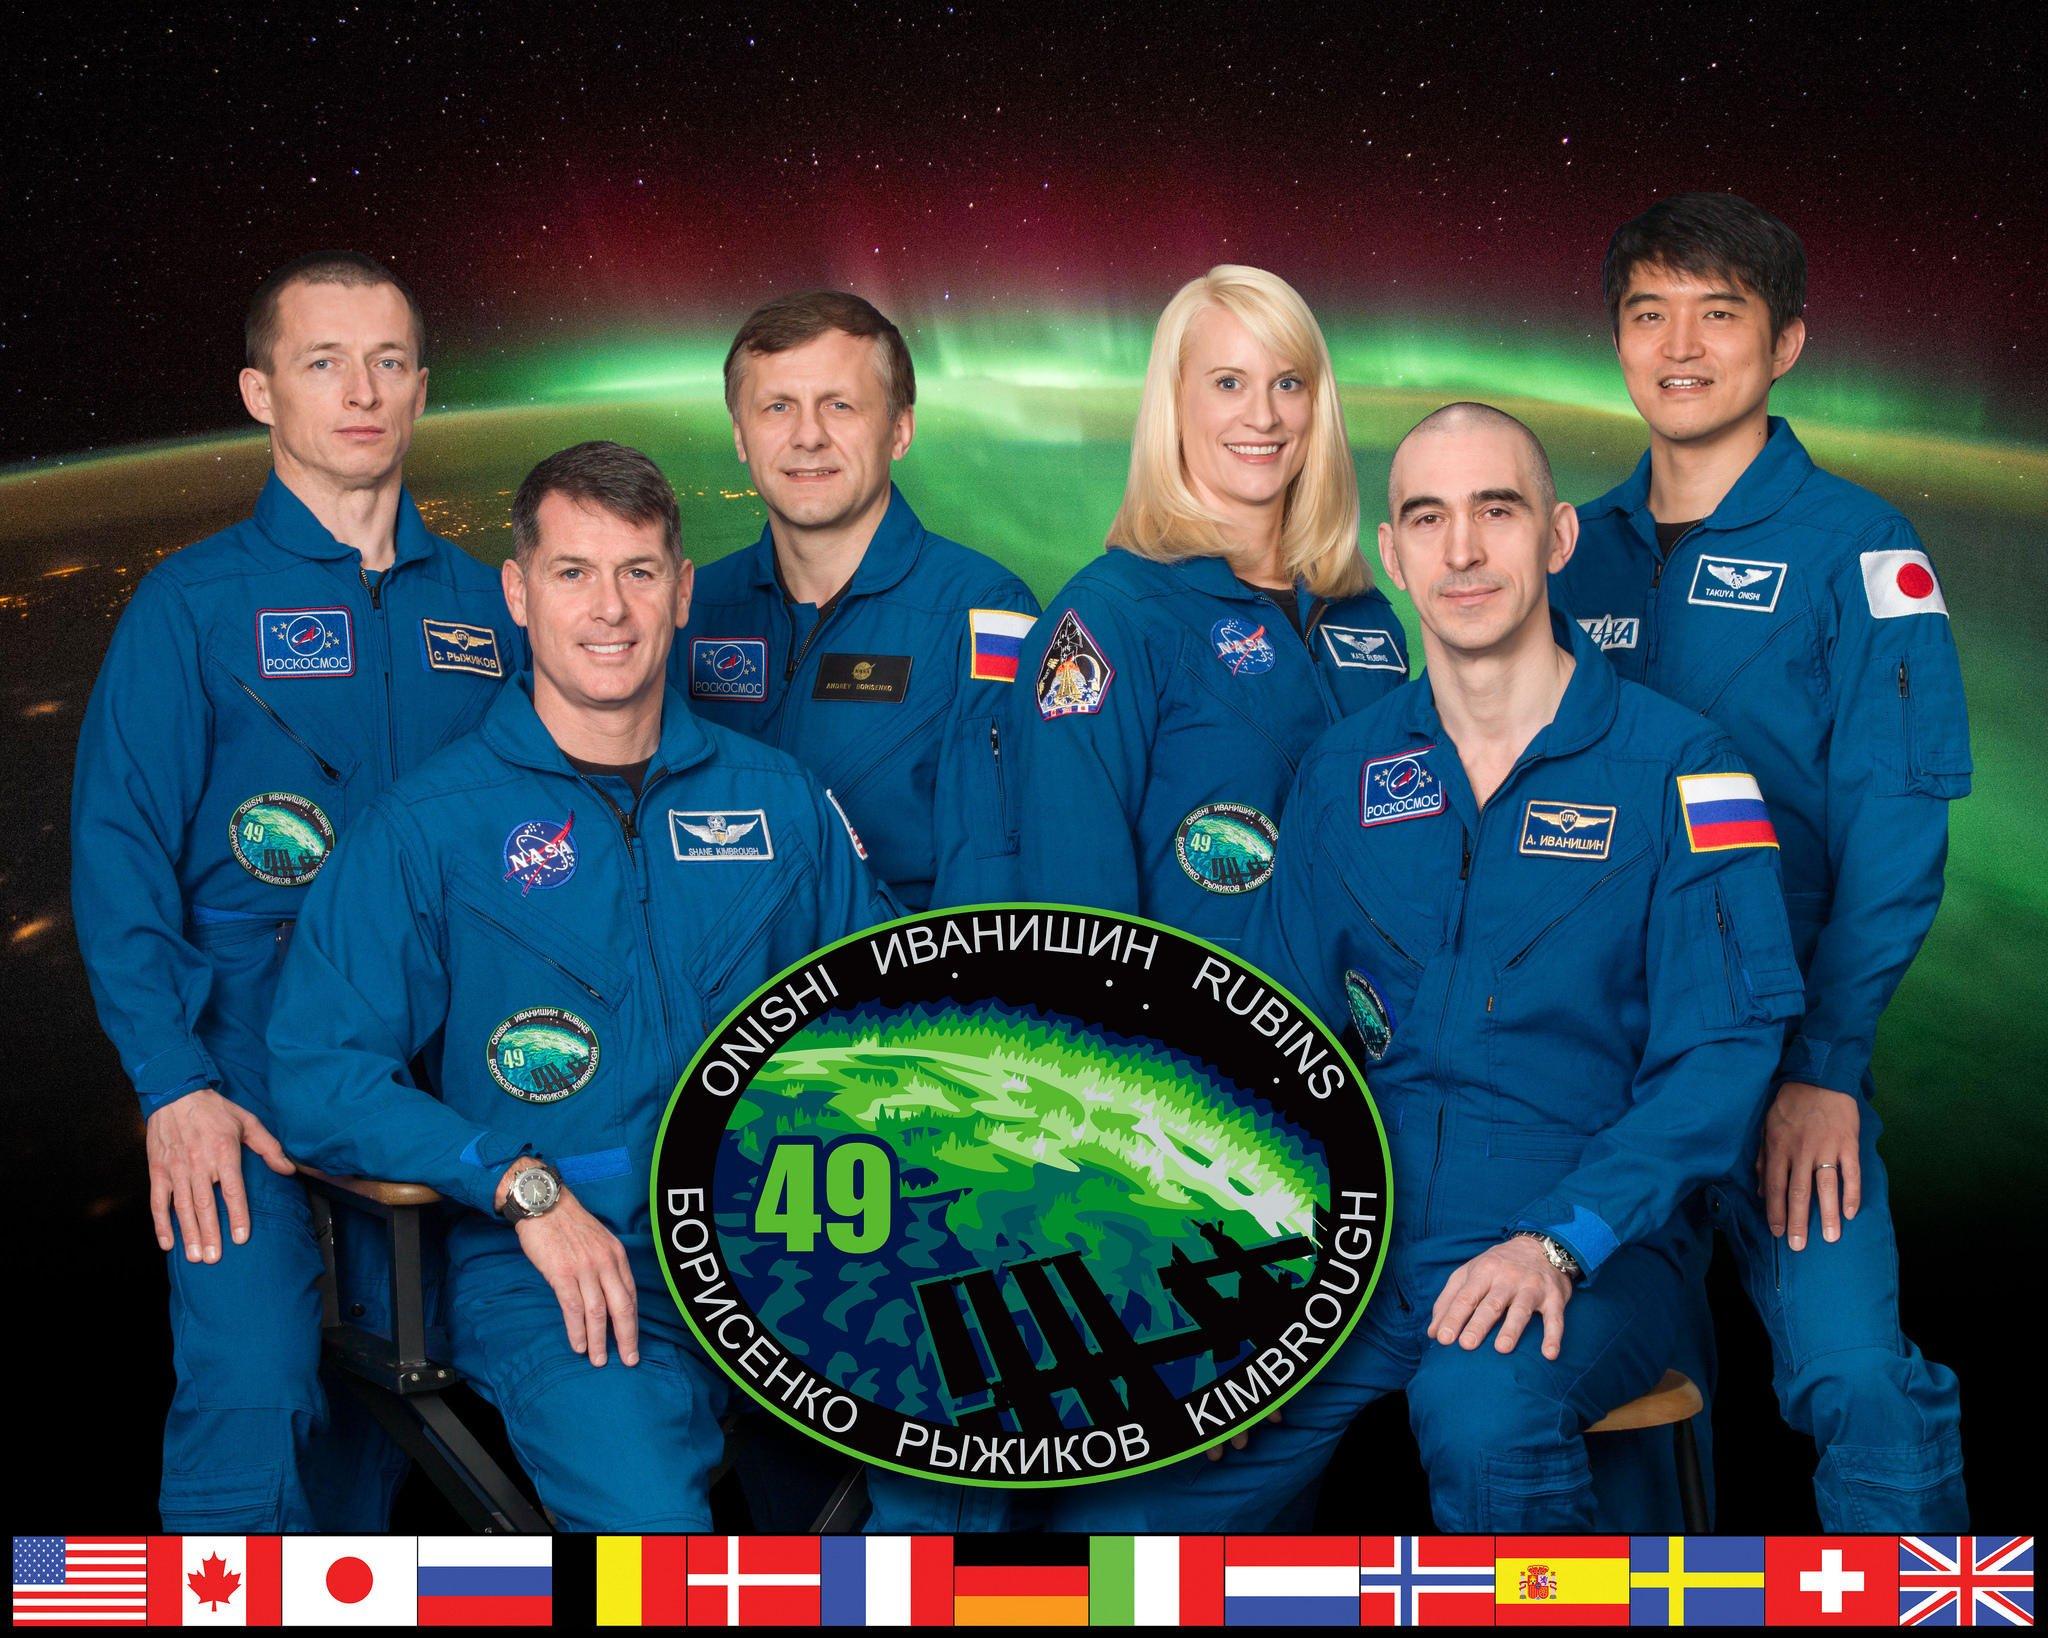 Die Crew der 49. Mission: Sergei Ryzhikov, Shane Kimbrough, Andrei Borisenko (v.l.) sitzen nach der Panne zunächst einmal am Weltraumbahnhof in Baikonur fest. Kate Rubins, Anatoli Ivanishin, and Takuya Onishi befinden sich seit dem 7. Juli 2016 auf der Internationalen Raumstation.